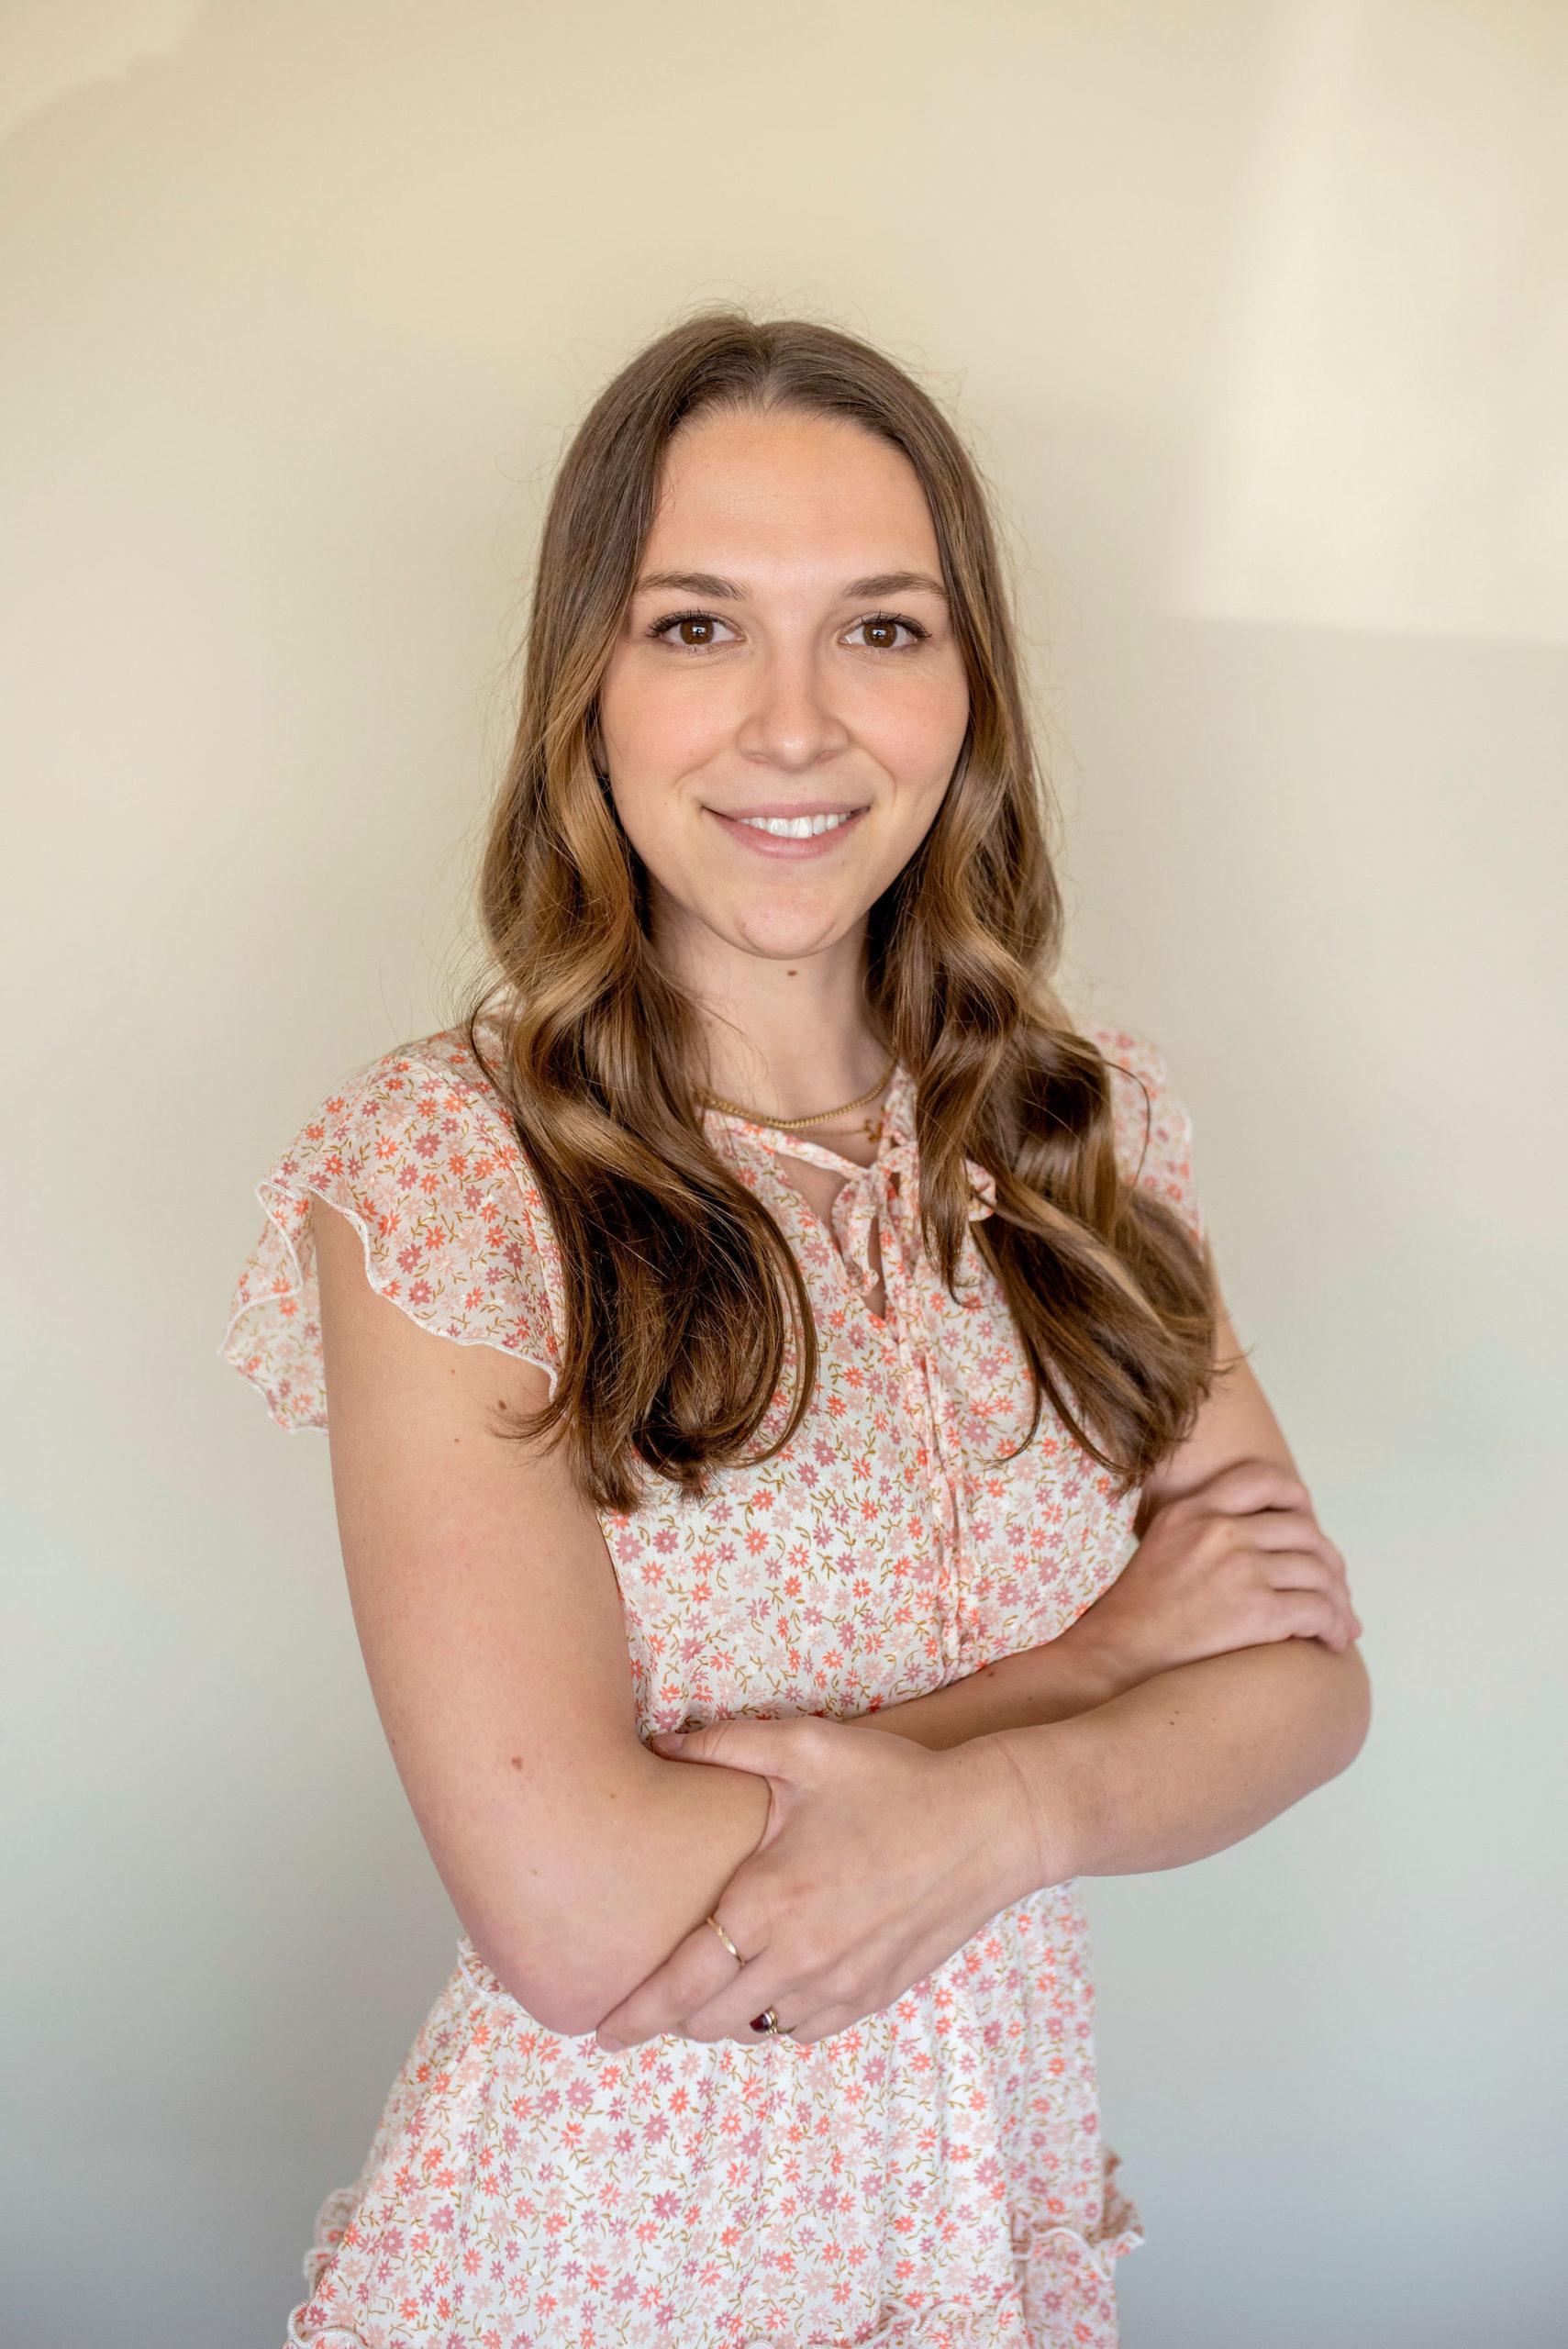 Lauren Schoeffler